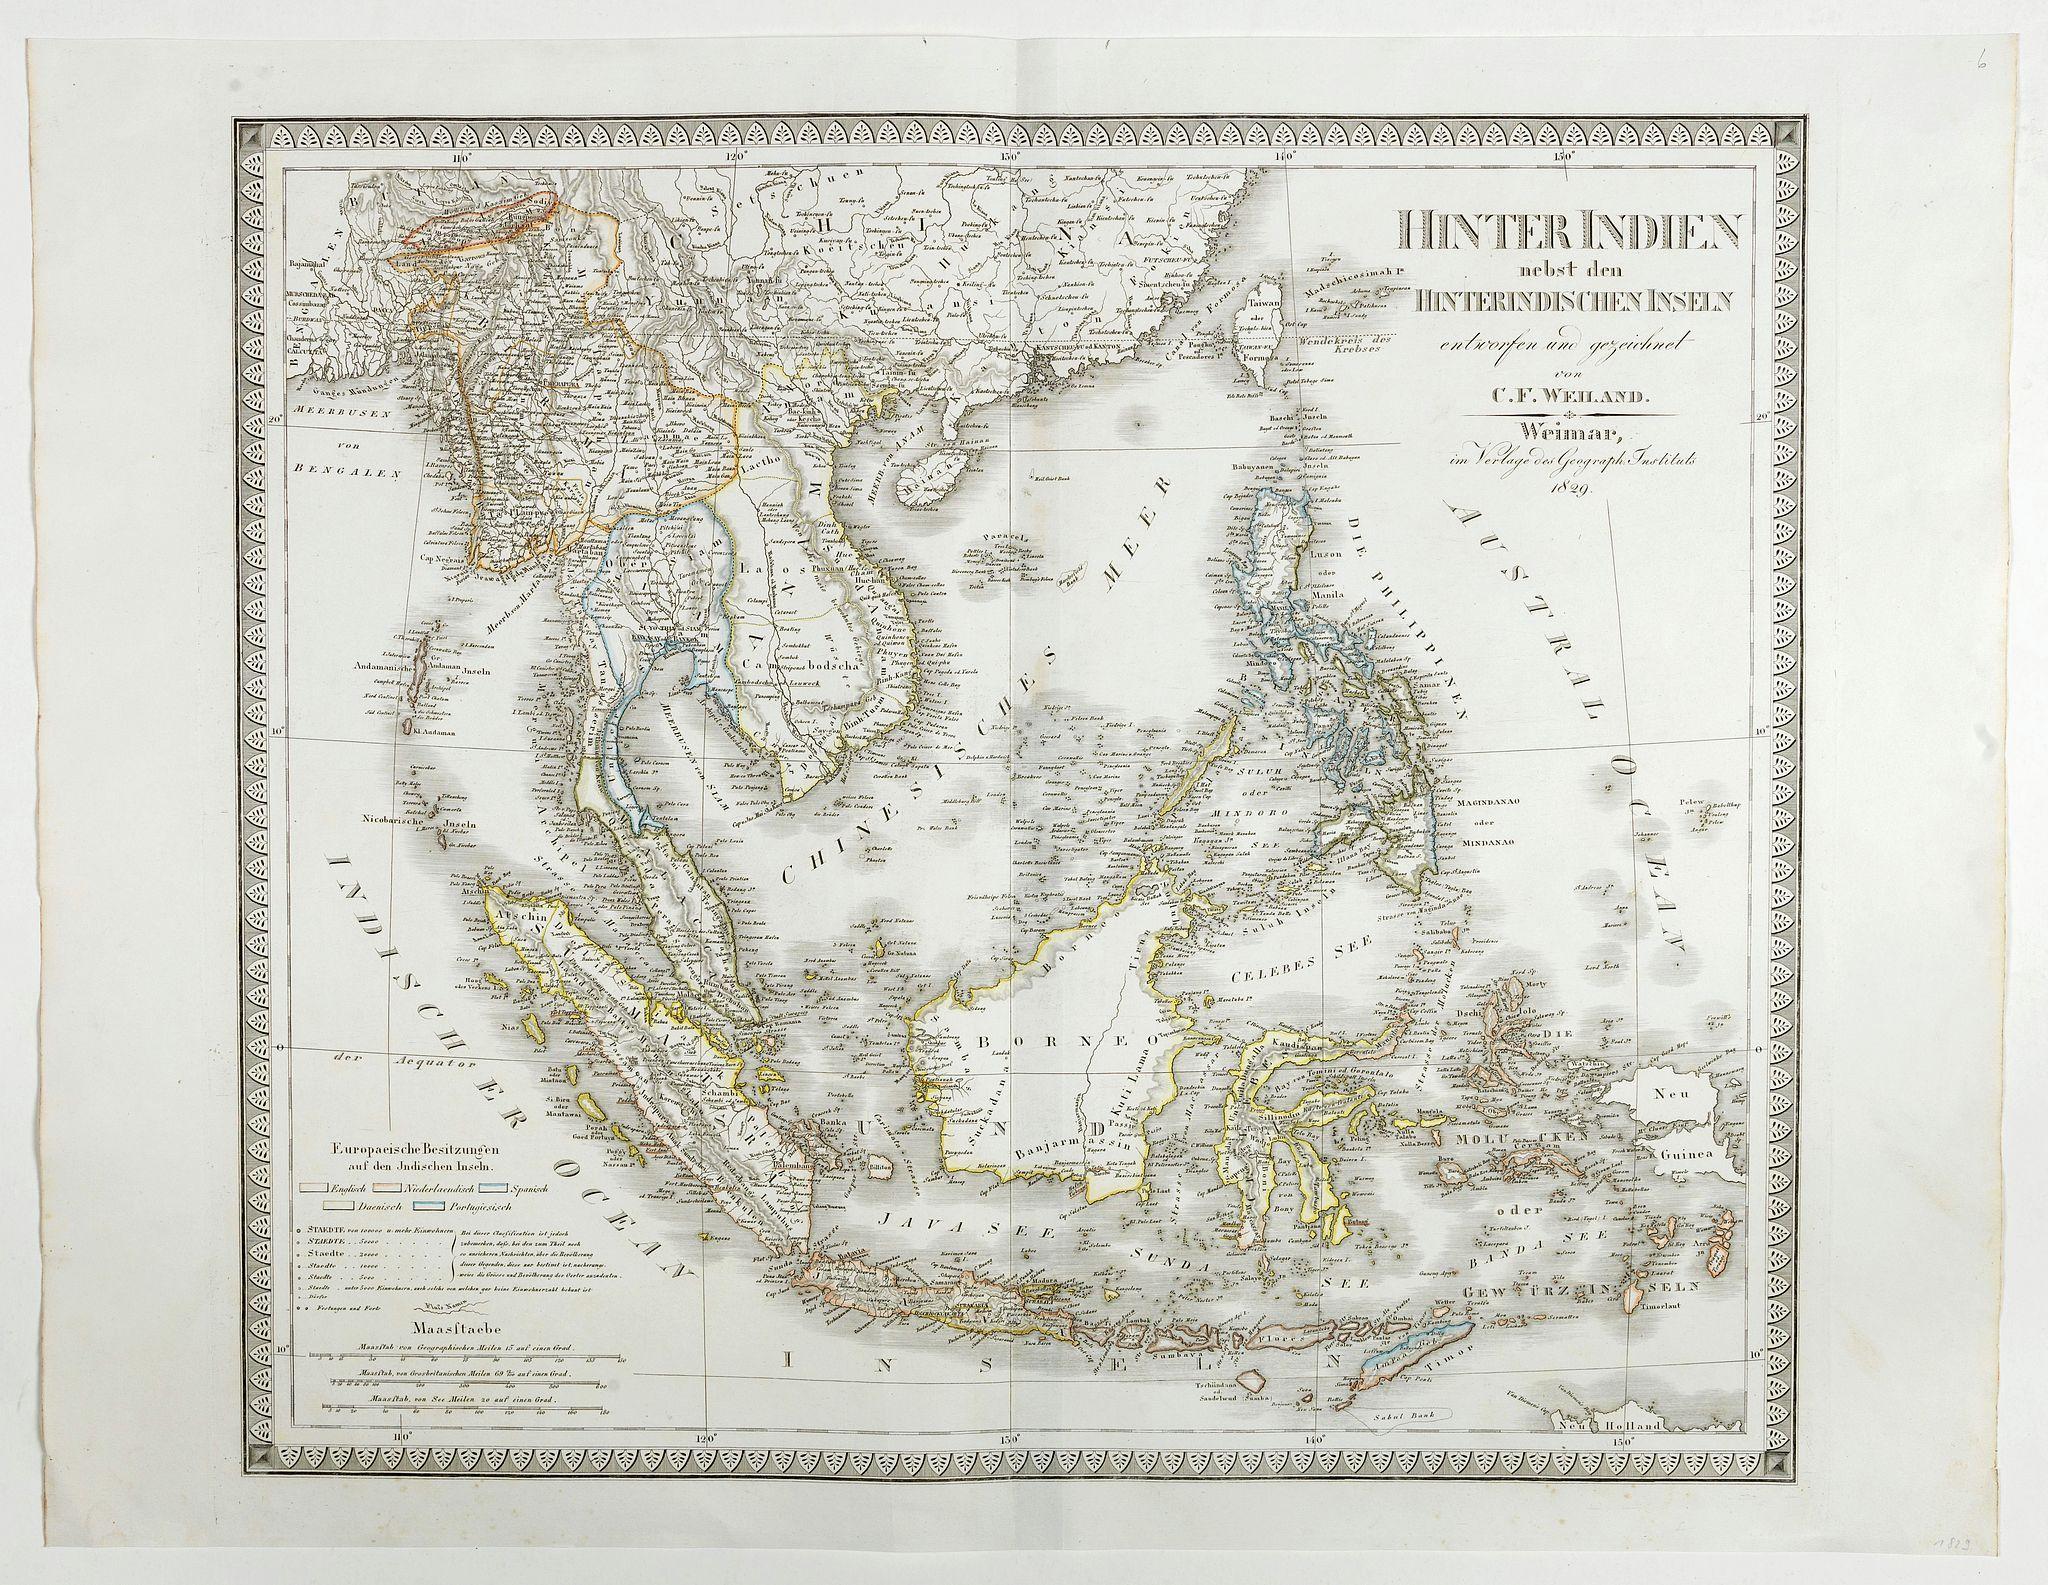 WEILAND, C.F. -  Hinter Indien nebst den Hinterindischen Inseln entwrfen und Gezeichnet von C.F. Weiland . . . 1828